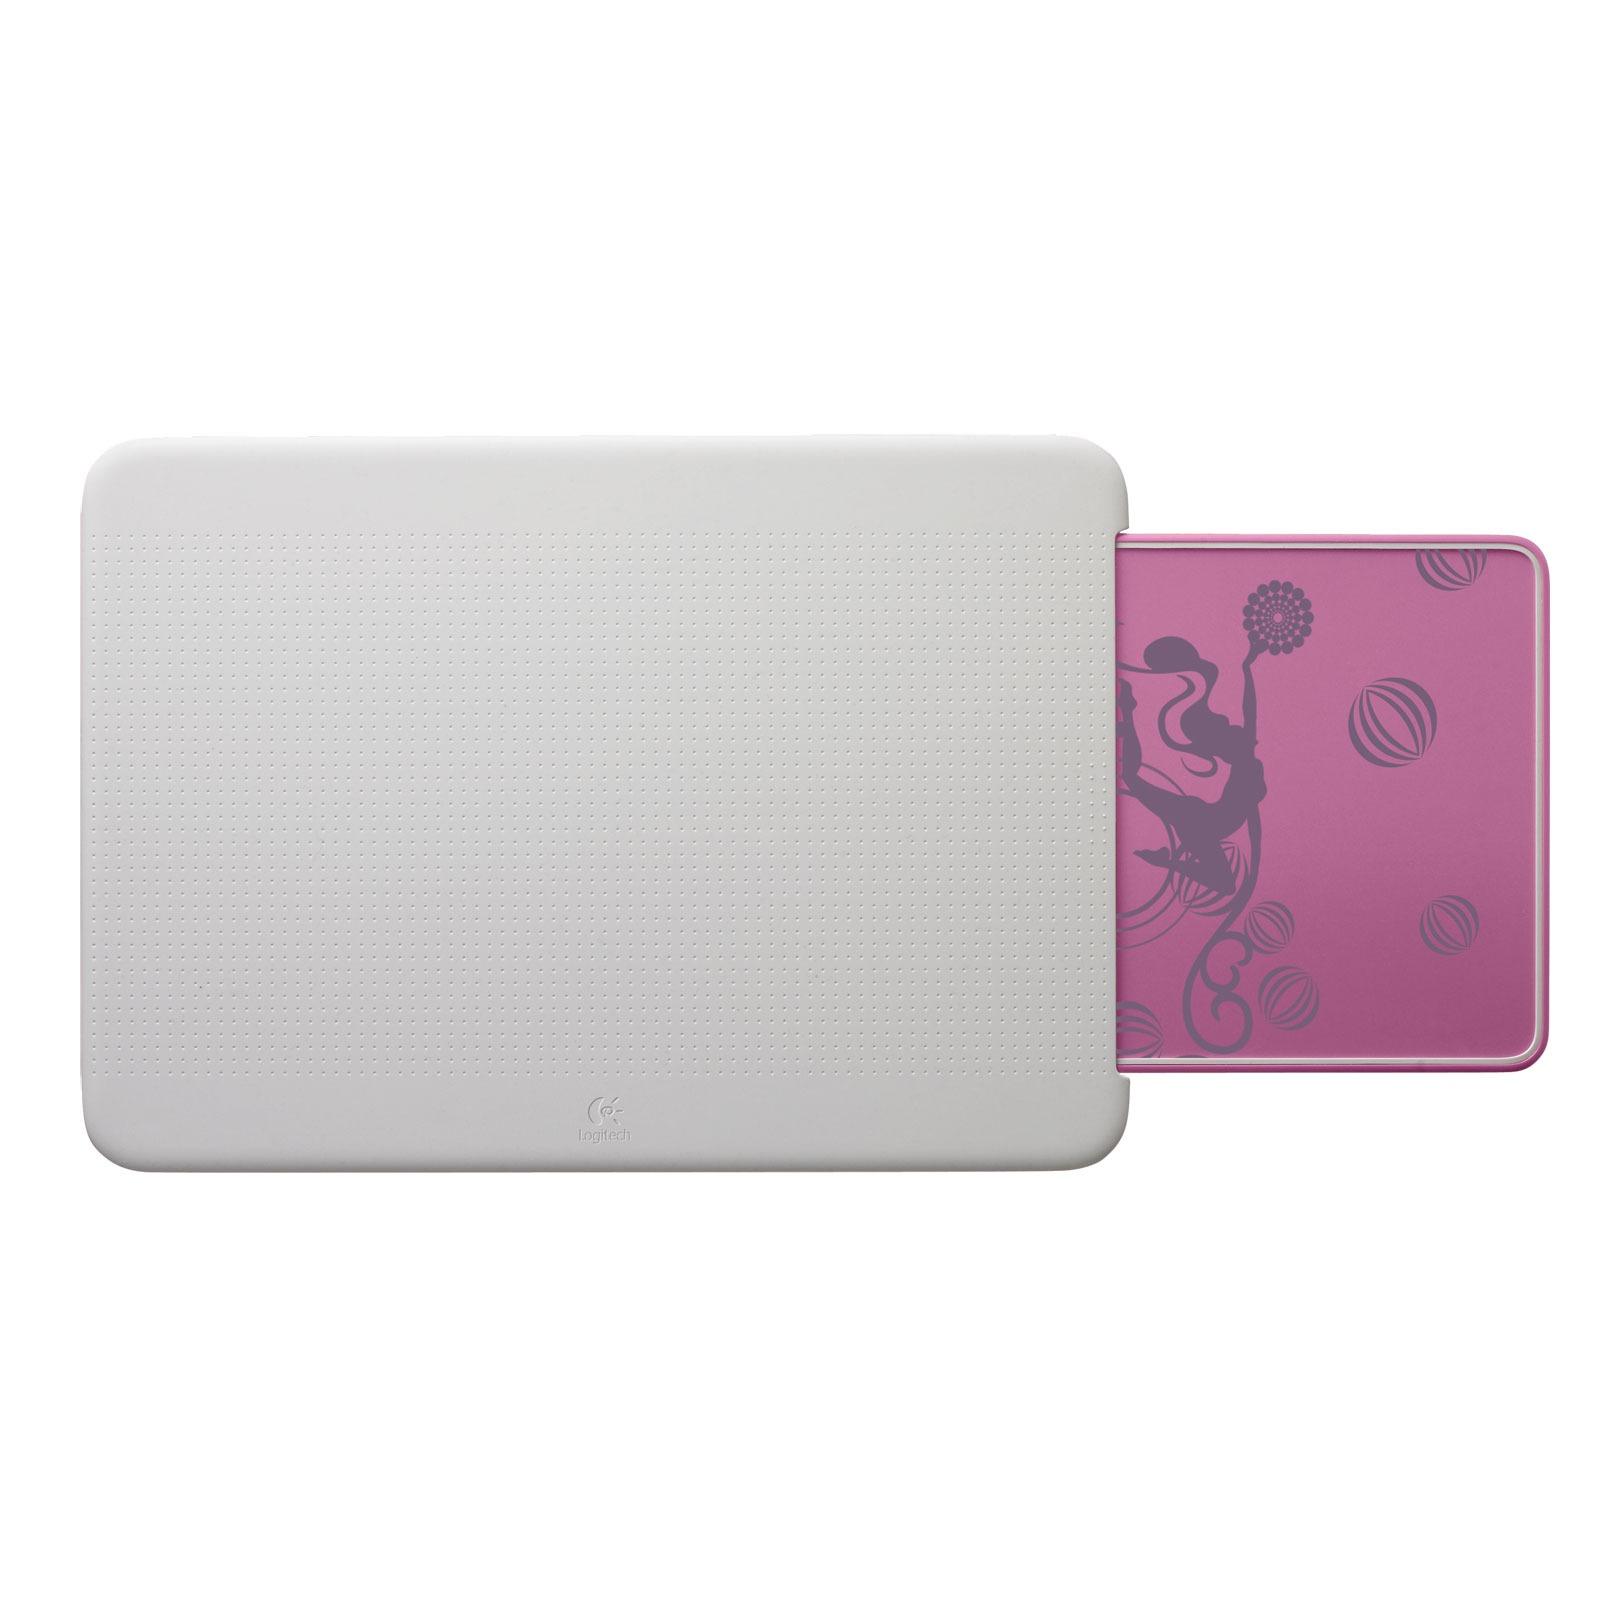 Accessoires PC portable Logitech Portable Lapdesk N315 Blanc/Rose Support ergonomique pour ordinateur portable